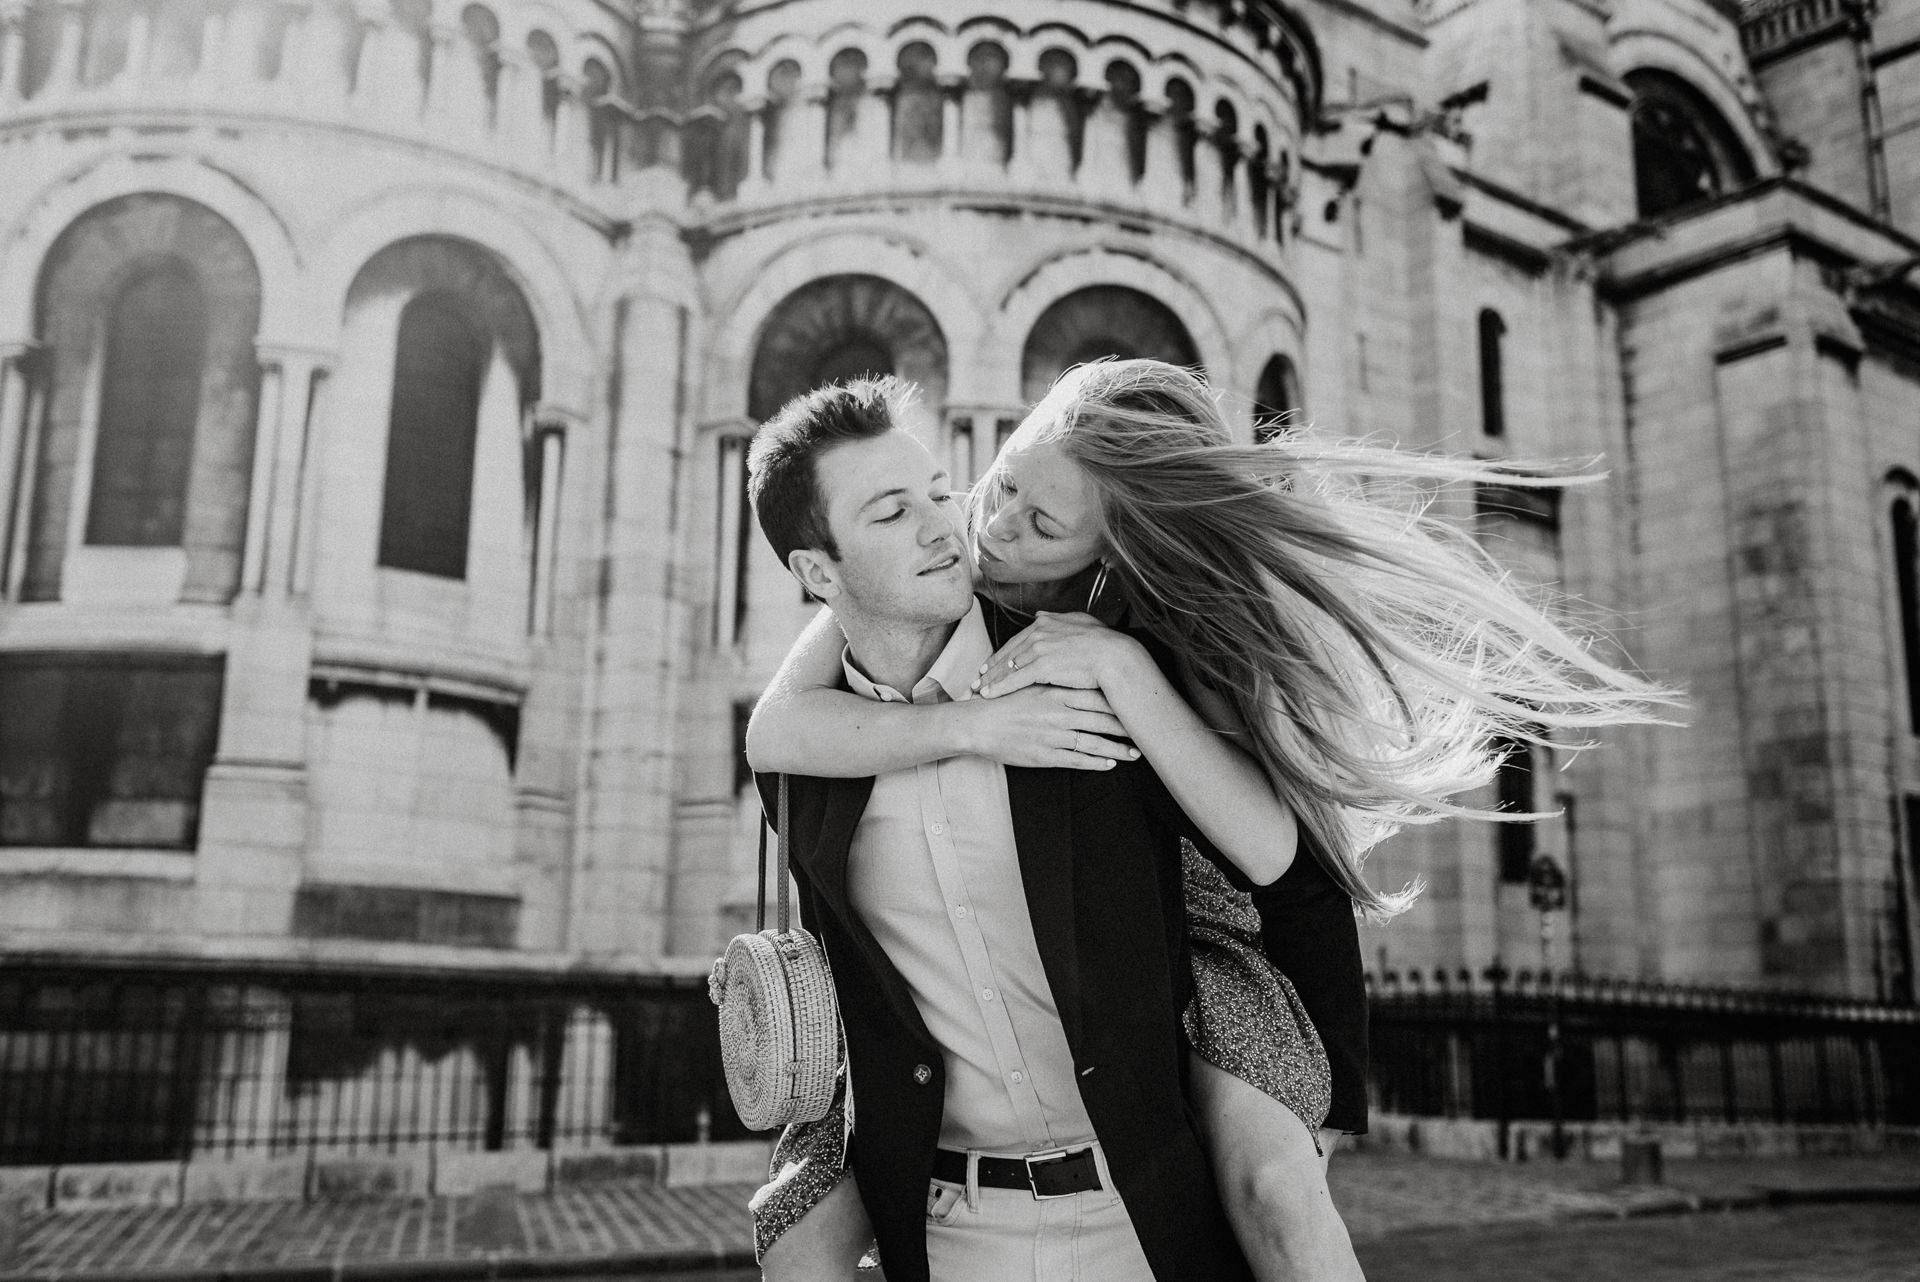 paris engagemente photo session